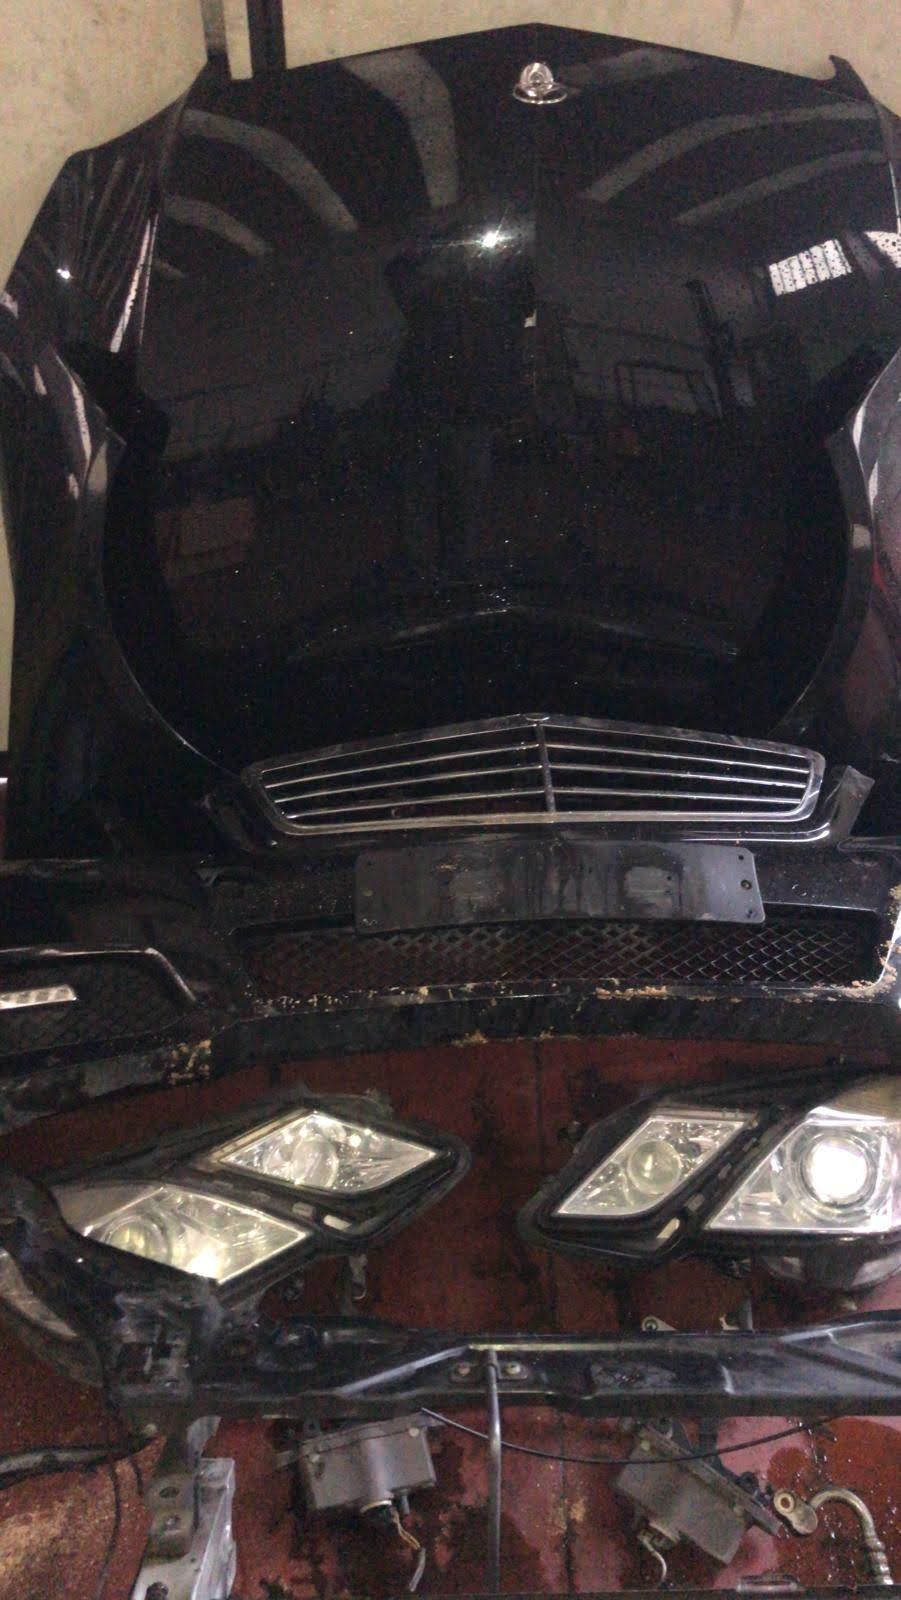 COFANO ANT. MERCEDES-BENZ CLASSE E (W/S212) (01/09>)